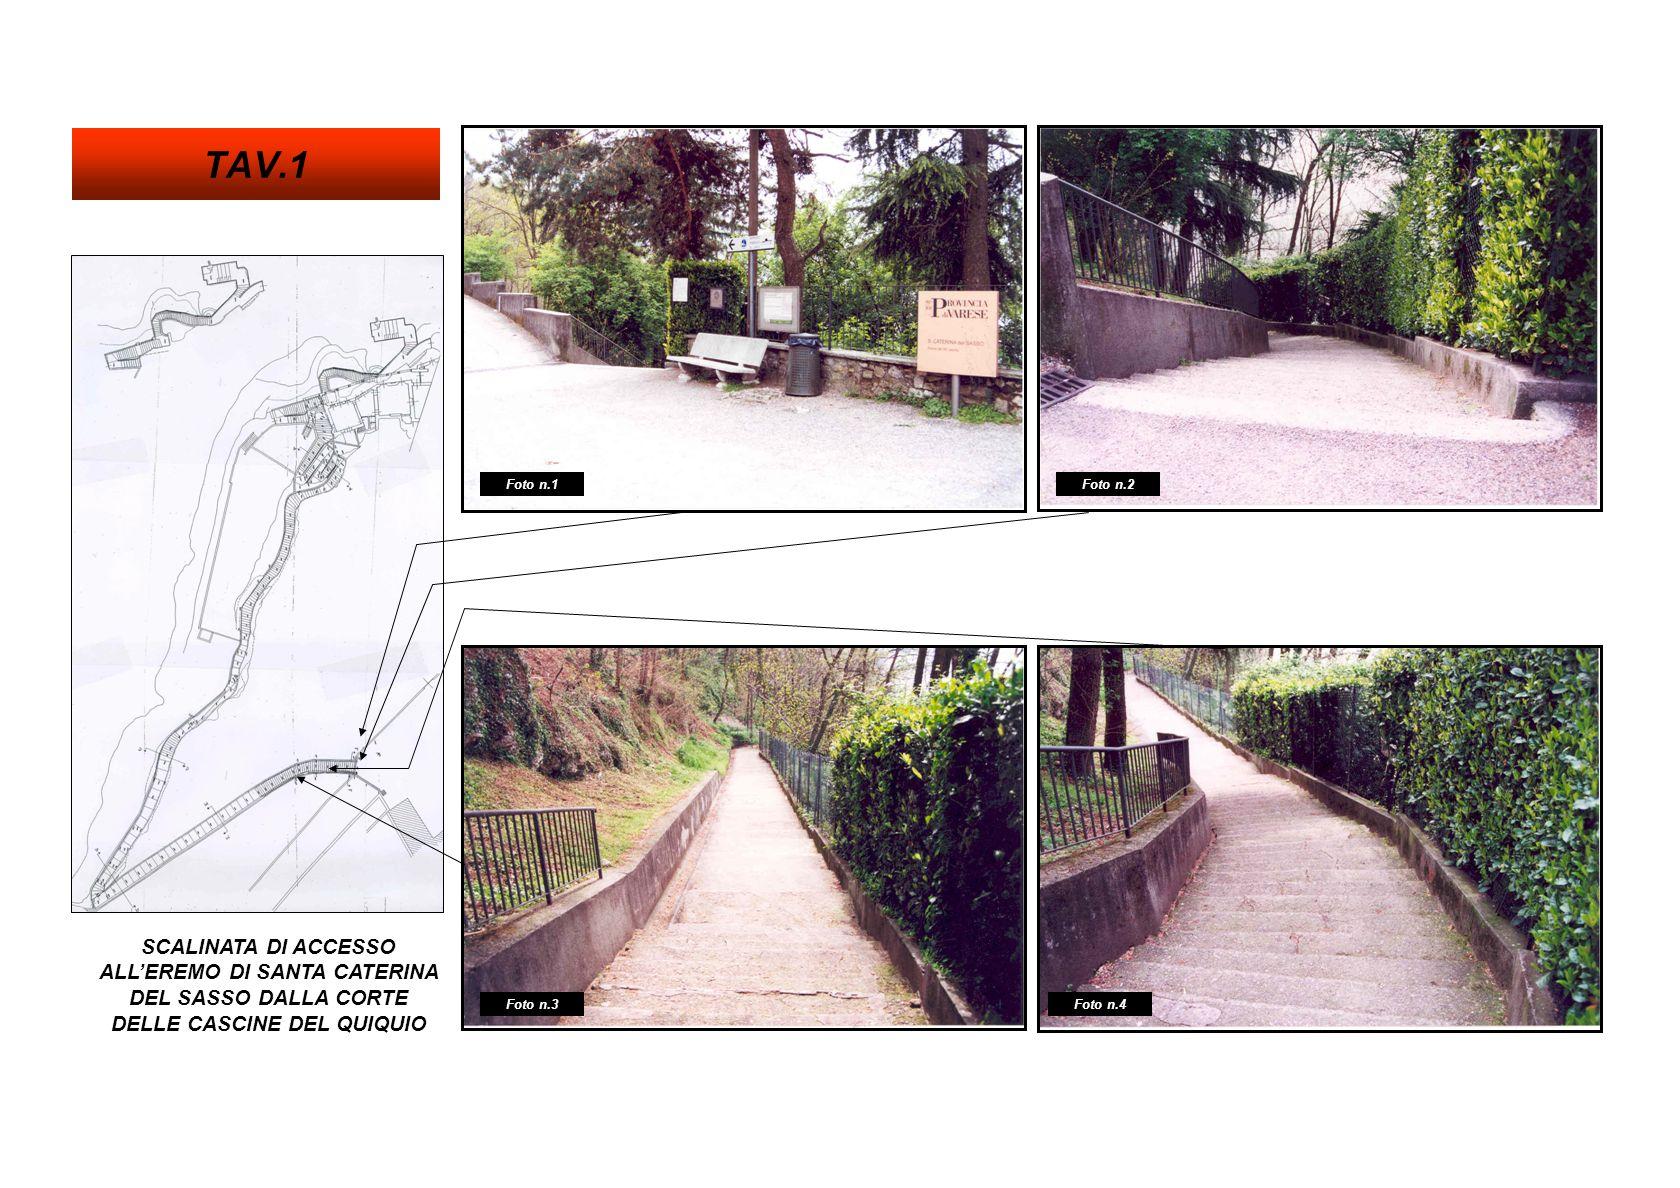 TAV.1 Foto n.1. Foto n.2. SCALINATA DI ACCESSO ALL'EREMO DI SANTA CATERINA DEL SASSO DALLA CORTE DELLE CASCINE DEL QUIQUIO.